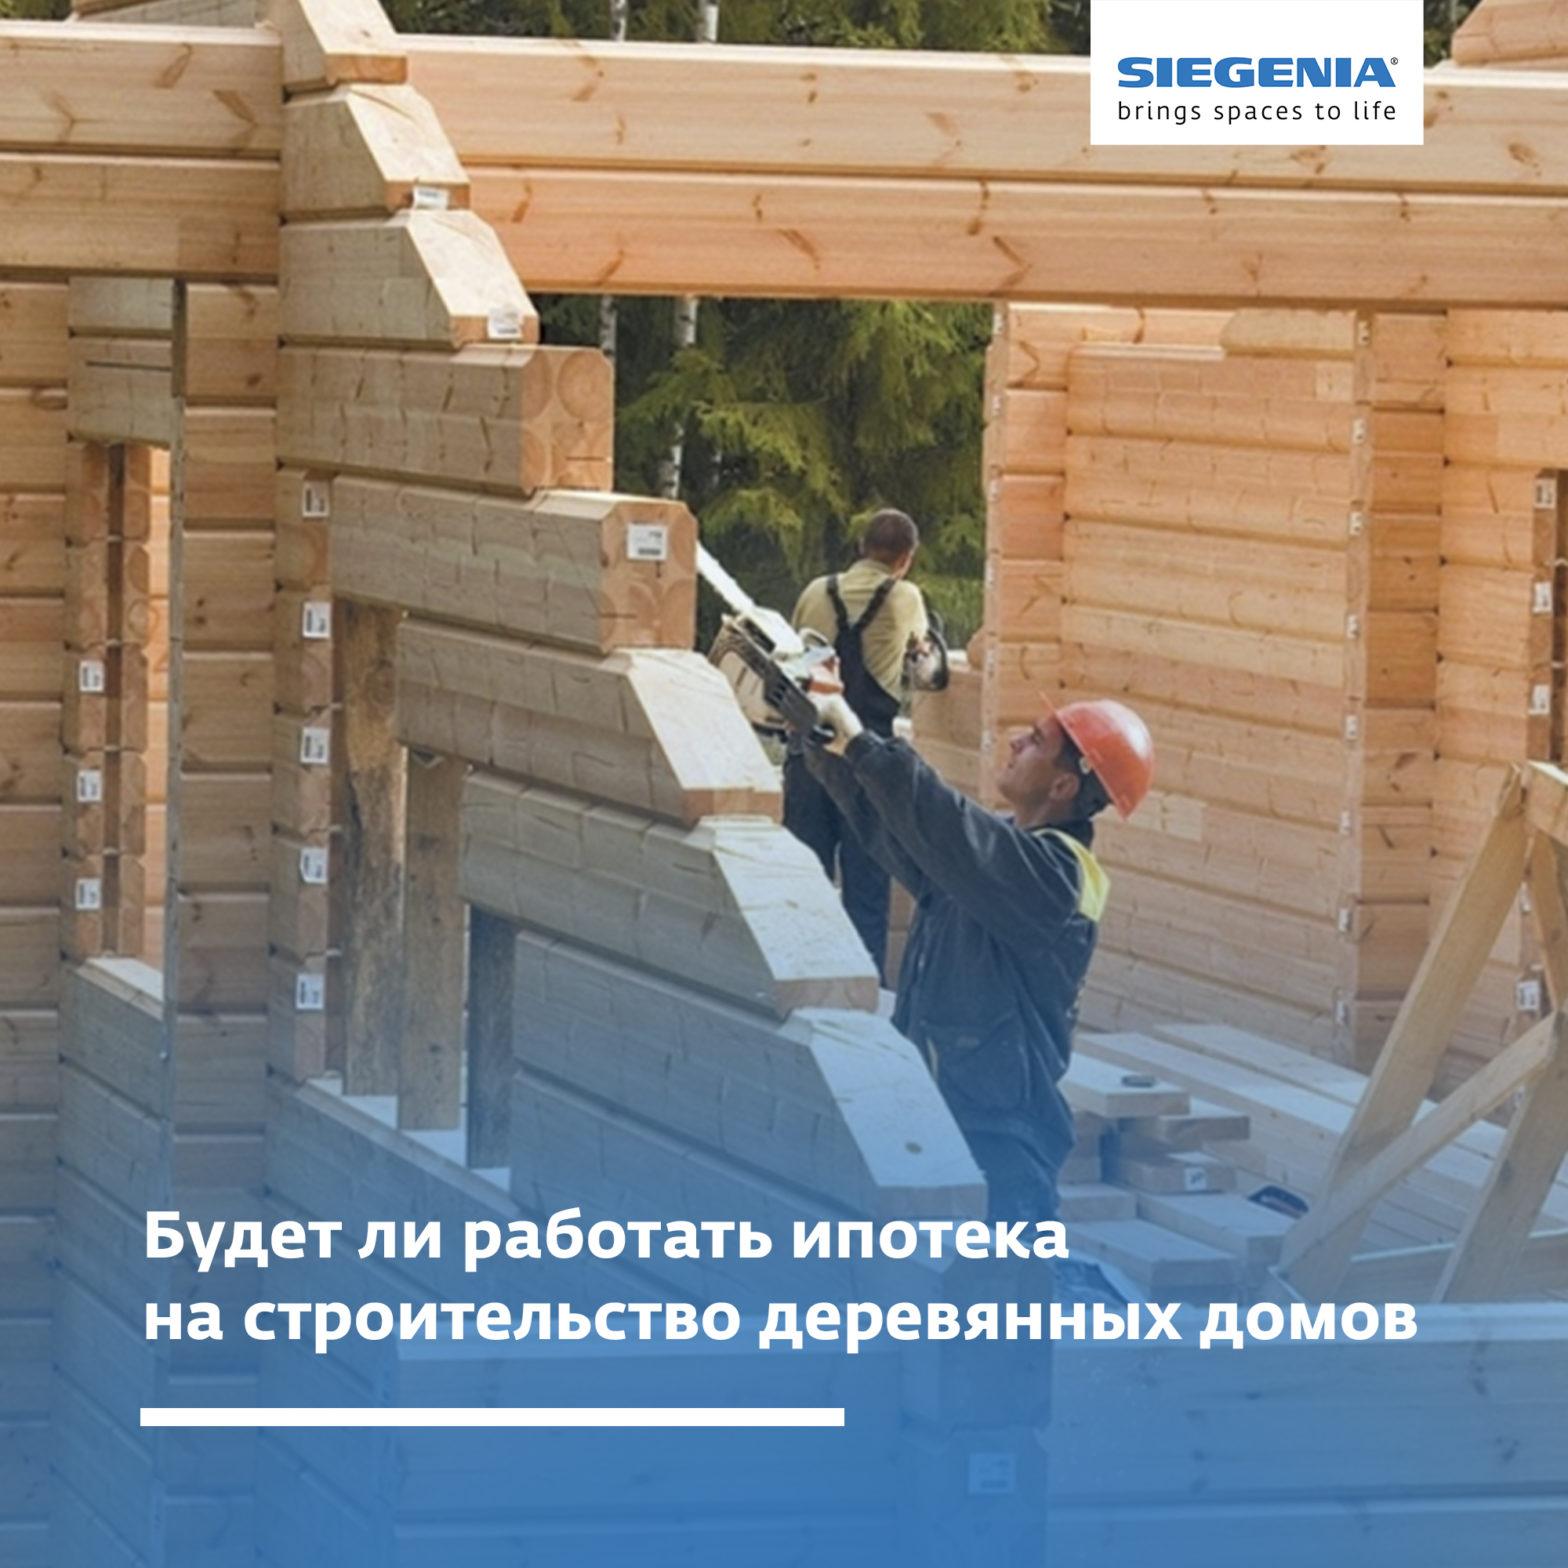 Ипотека на строительство деревянных домов